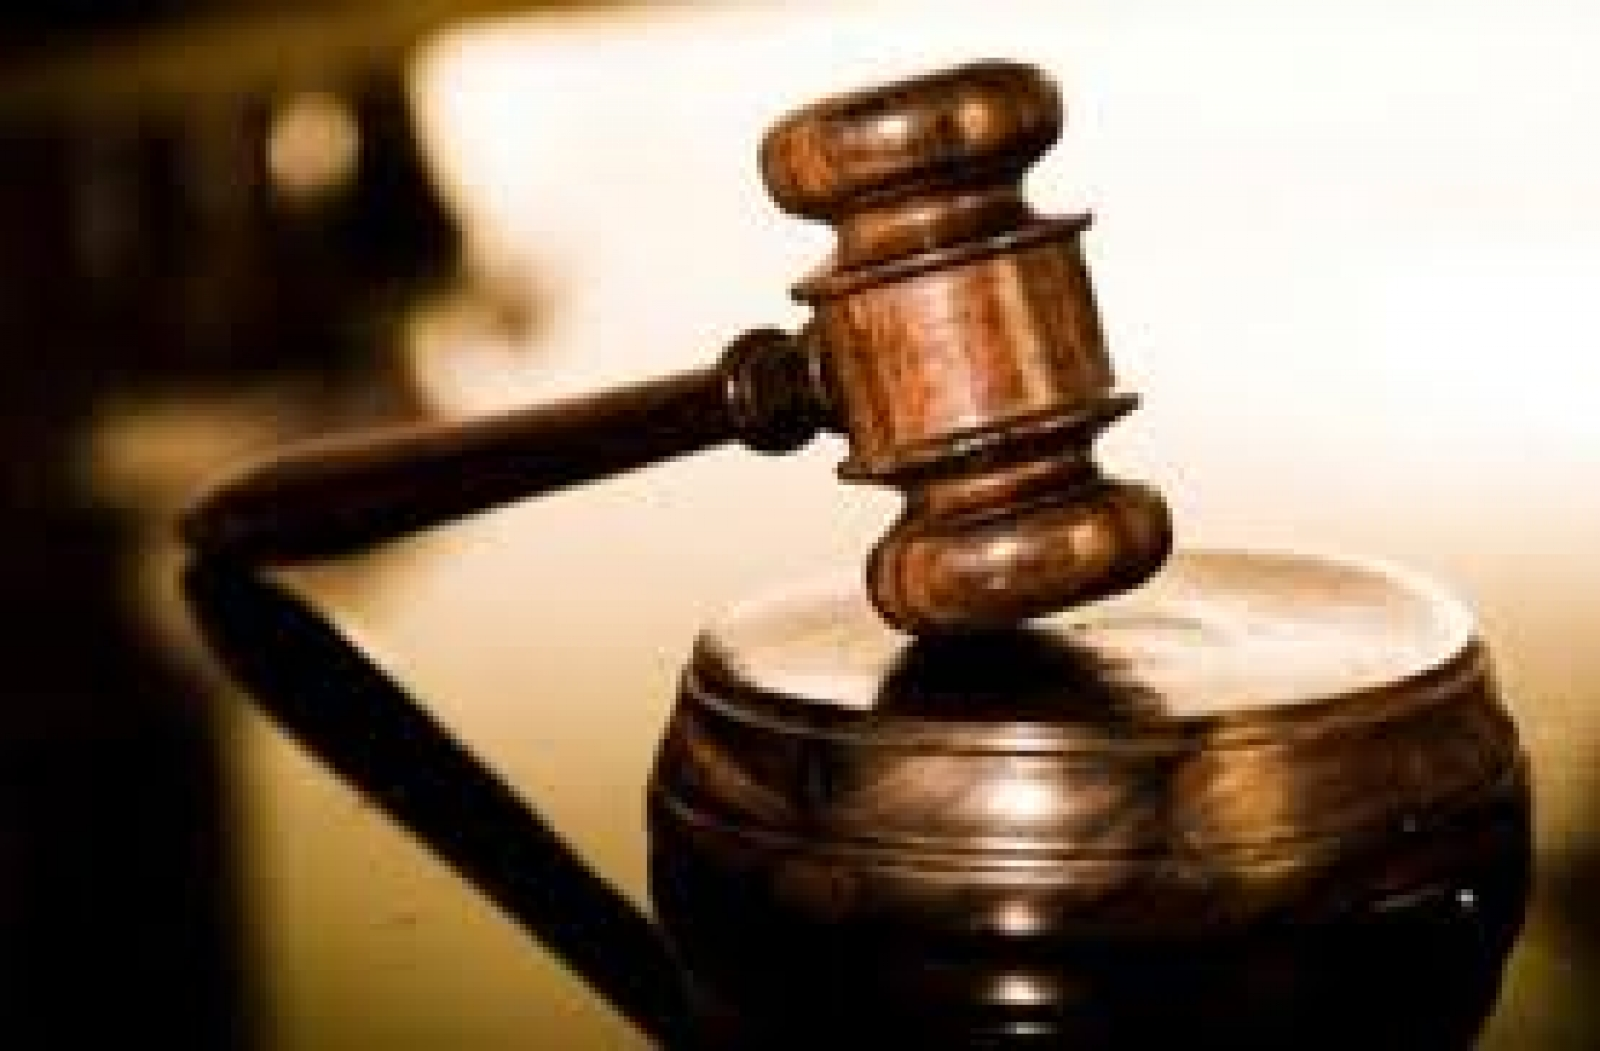 JUDECĂTOAREA ADRIANA STOICESCU: REVĂRSAREA DE URĂ PARE DE NEOPRIT